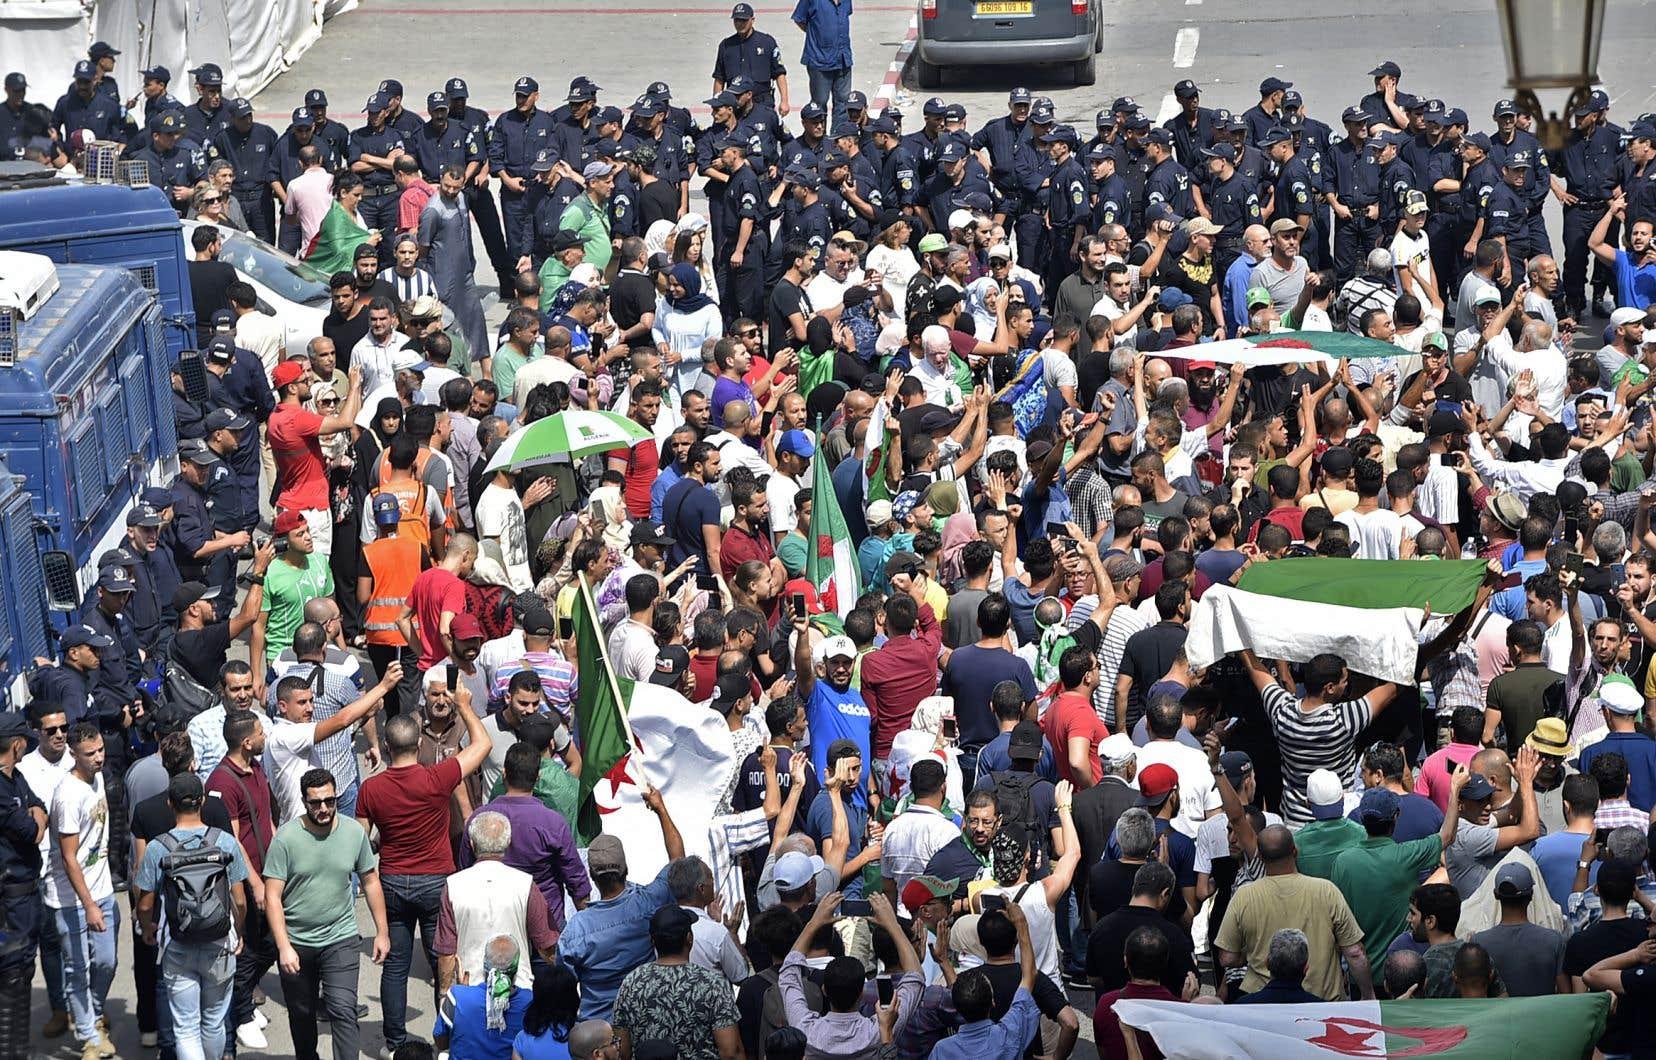 <p>La mobilisation était au rendez-vous, et ce, en dépit d'un déploiement des forces de sécurité encore plus important que lors des vendredis précédents.</p>